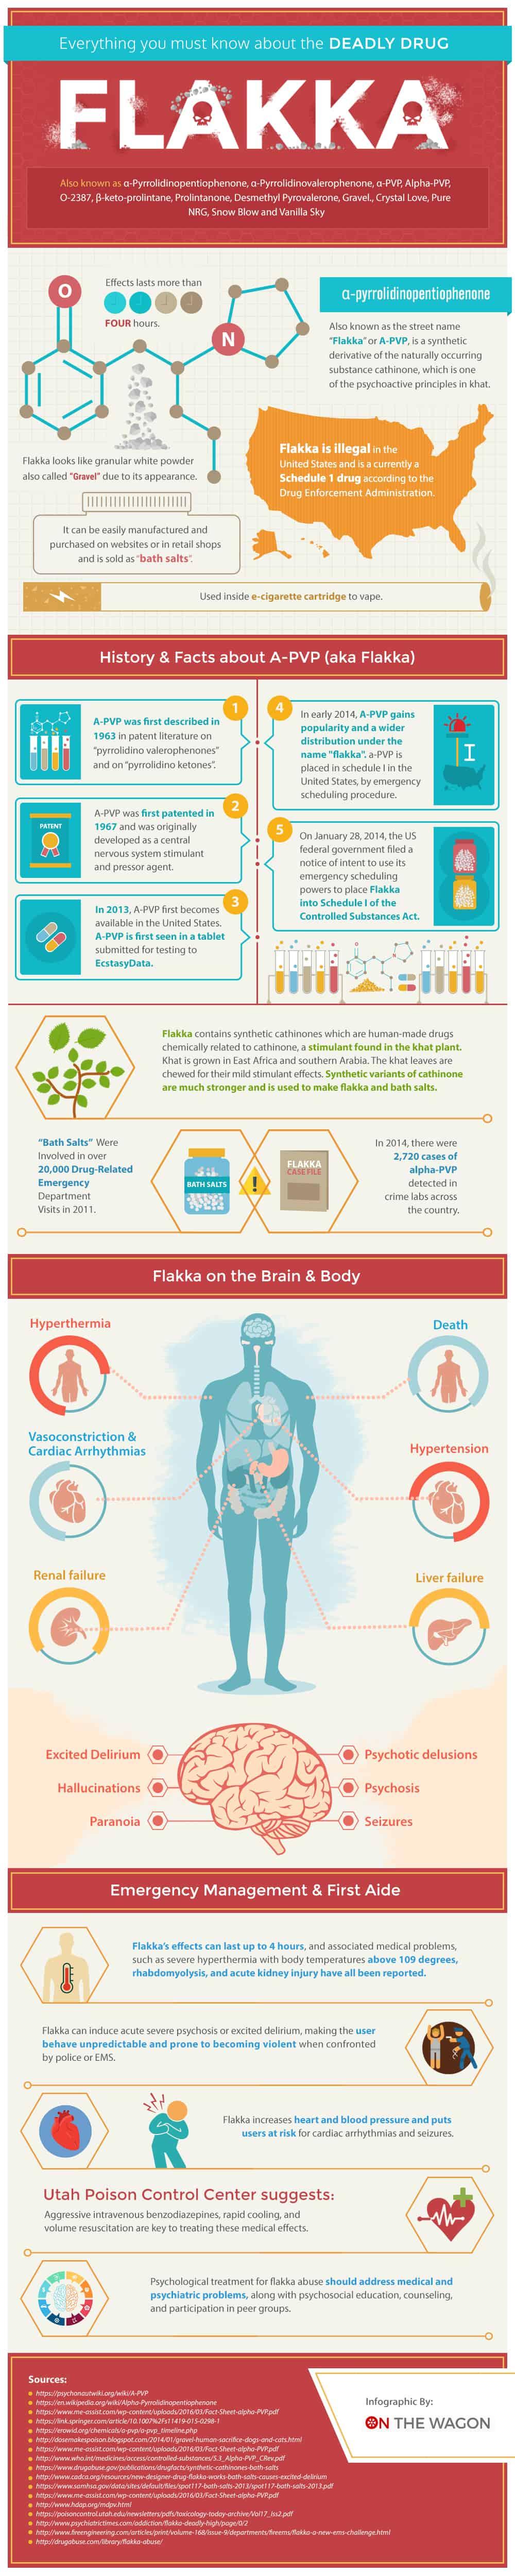 On The Wagon Flakka Infographic Final